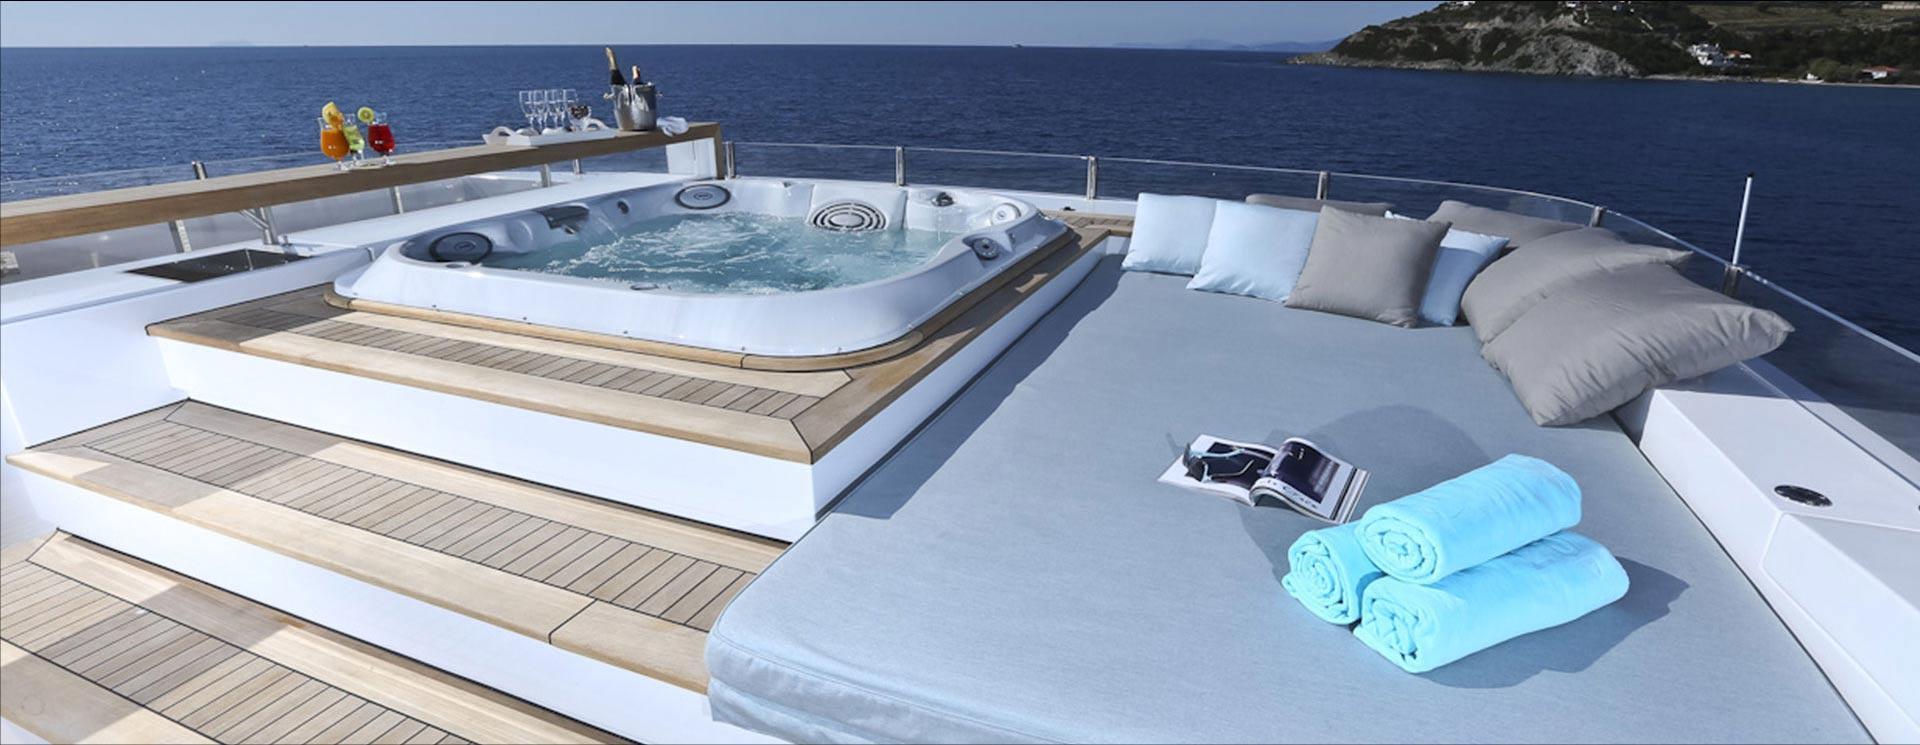 una jacuzzi su una barca di lusso